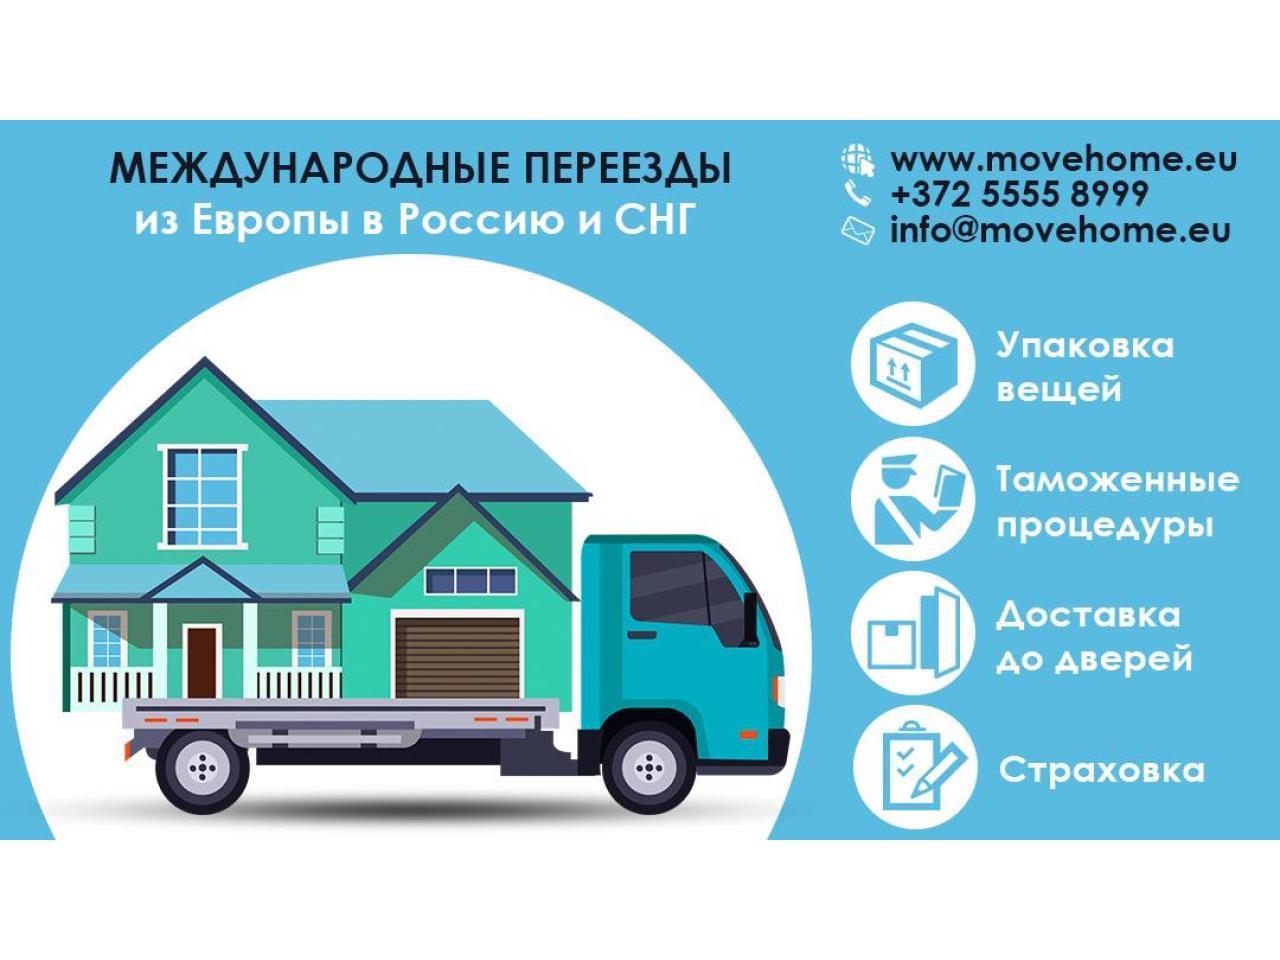 Move Home - Международые переезды с Европы в Россию - 1